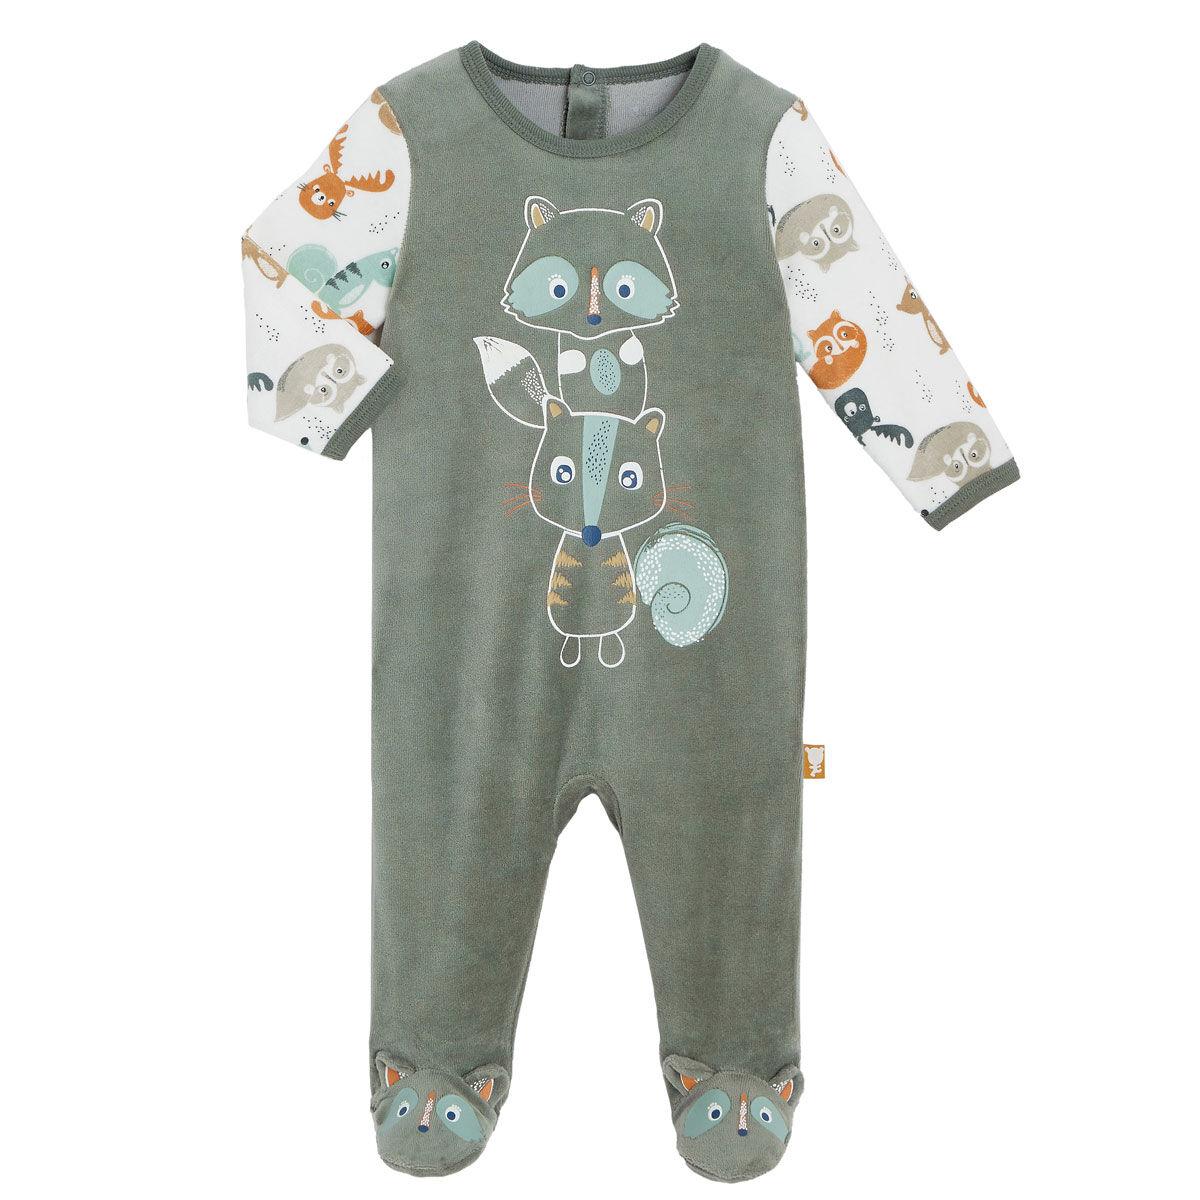 Petit Béguin Pyjama bébé en velours contenant du coton bio Noisette - Taille - 18 mois